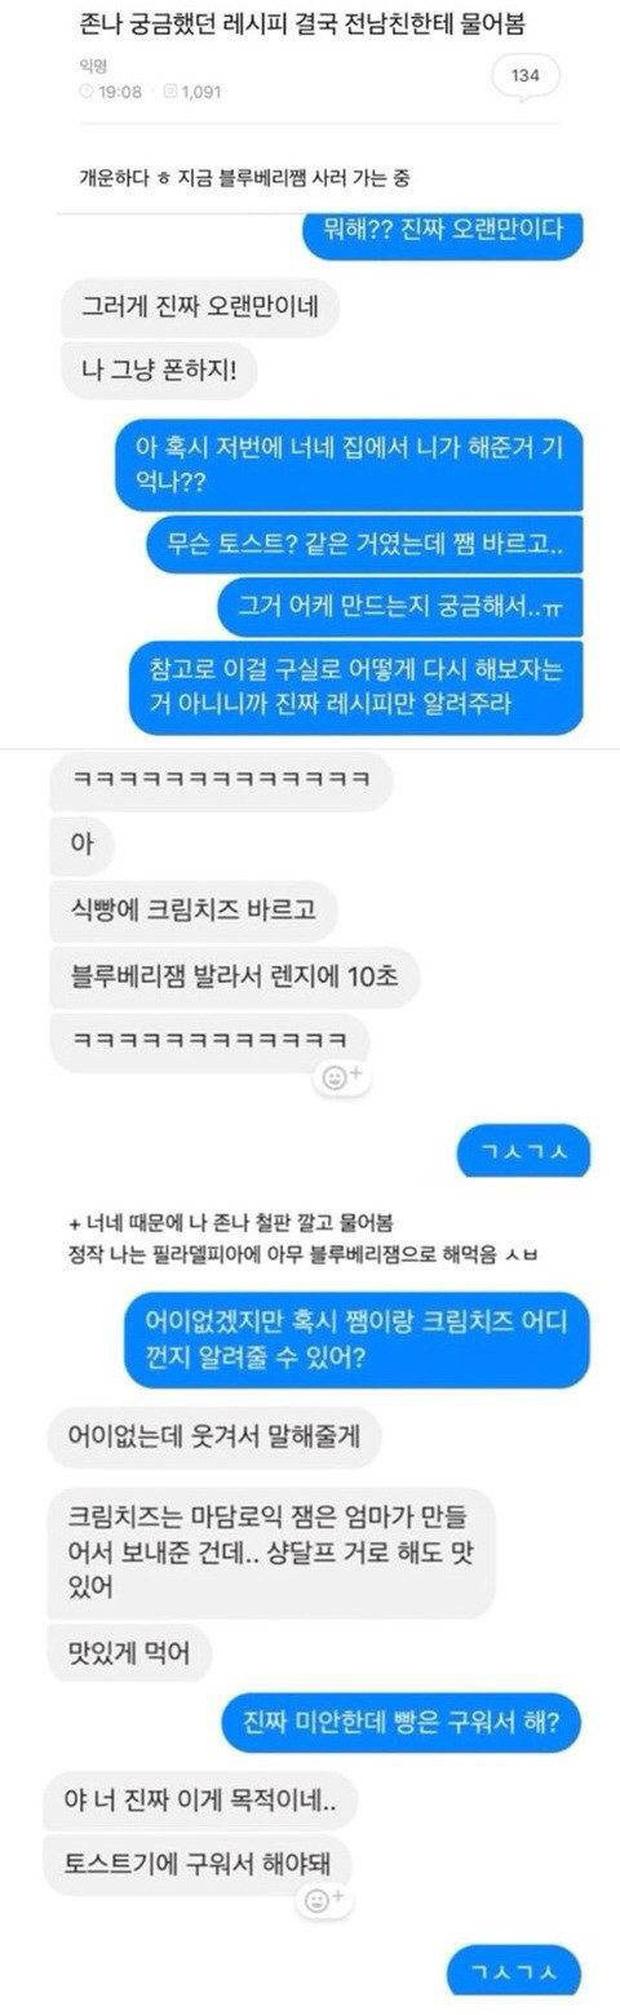 """Món bánh kẹp """"bạn trai cũ"""" ở Hàn Quốc khiến ai nghe tên cũng tò mò, đằng sau đó lại là một câu chuyện khá buồn… cười - Ảnh 2."""